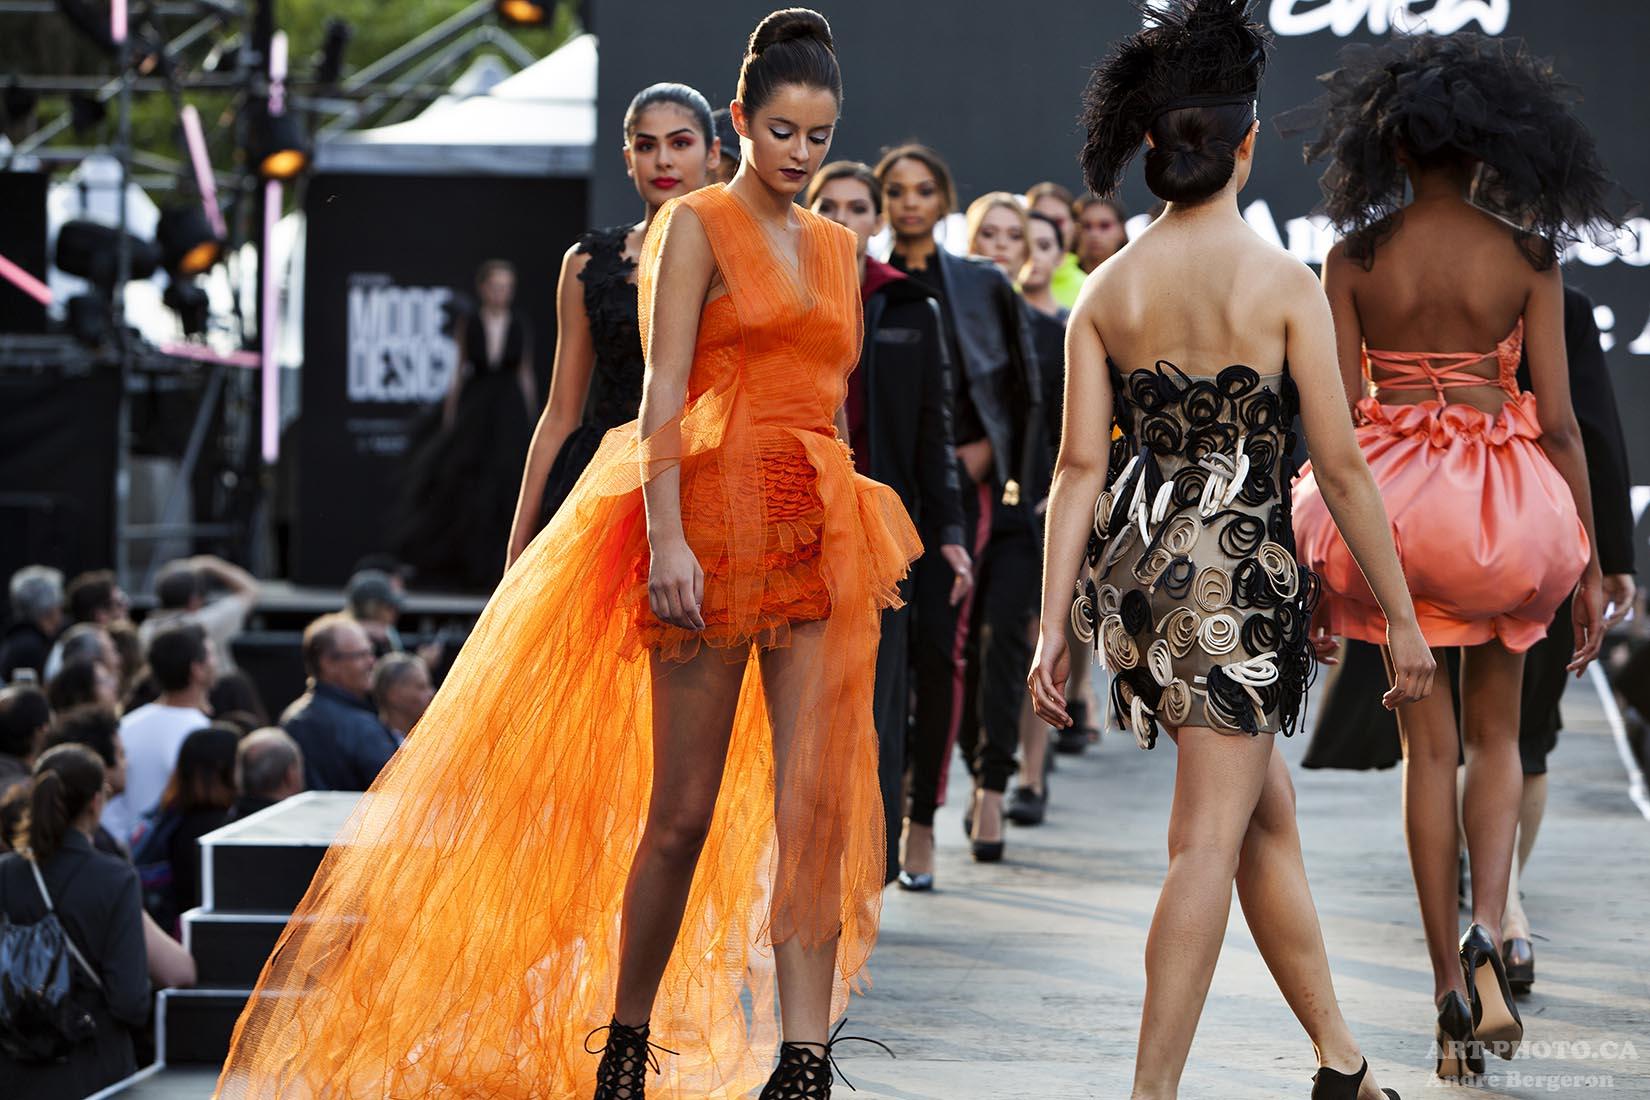 Festival Mode & Design 2017 - Fashion Preview photo